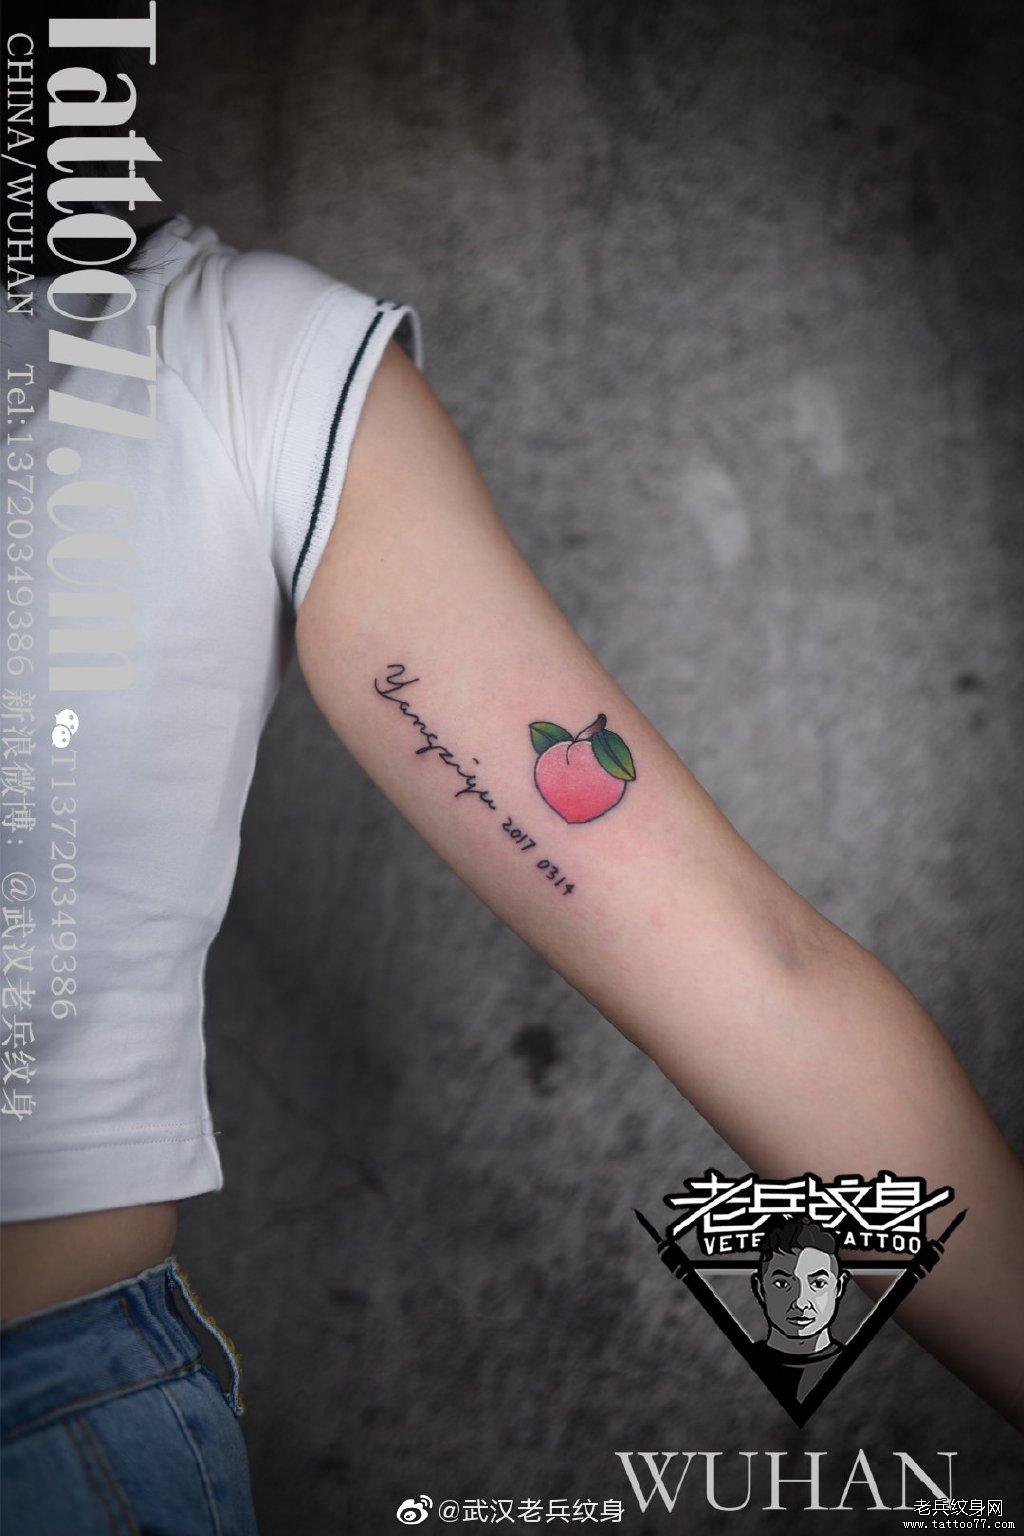 手臂内侧英文蜜桃纹身作品